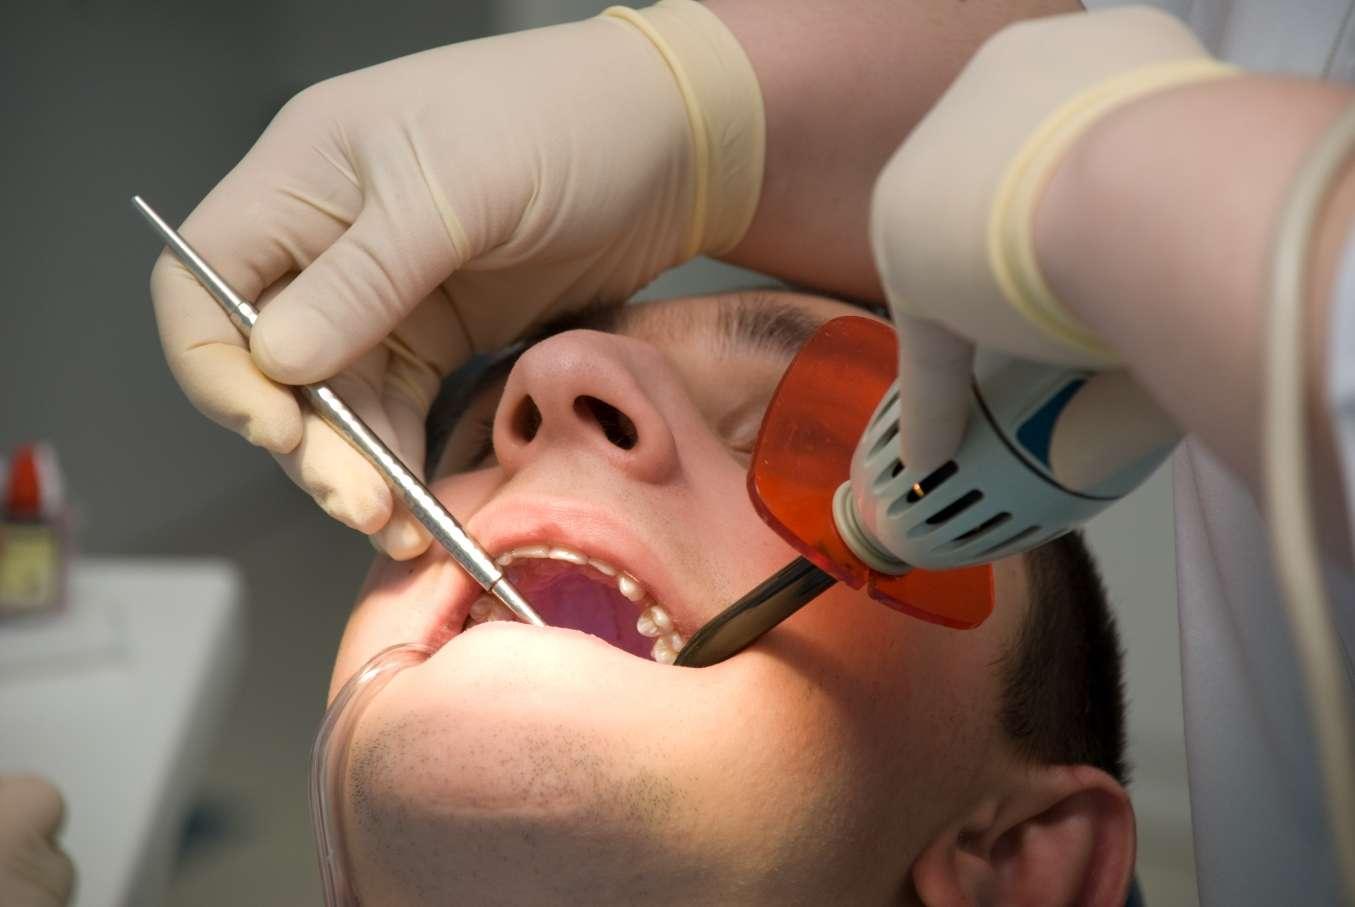 L'odontologie est une pratique médicale vieille d'environ neuf millénaires. Avec la sédentarisation et la maîtrise de l'agriculture, le régime alimentaire des Hommes s'est transformé et les dents en ont pâti. Les premières caries datent de cette époque-là. © Yuris, StockFreeImages.com